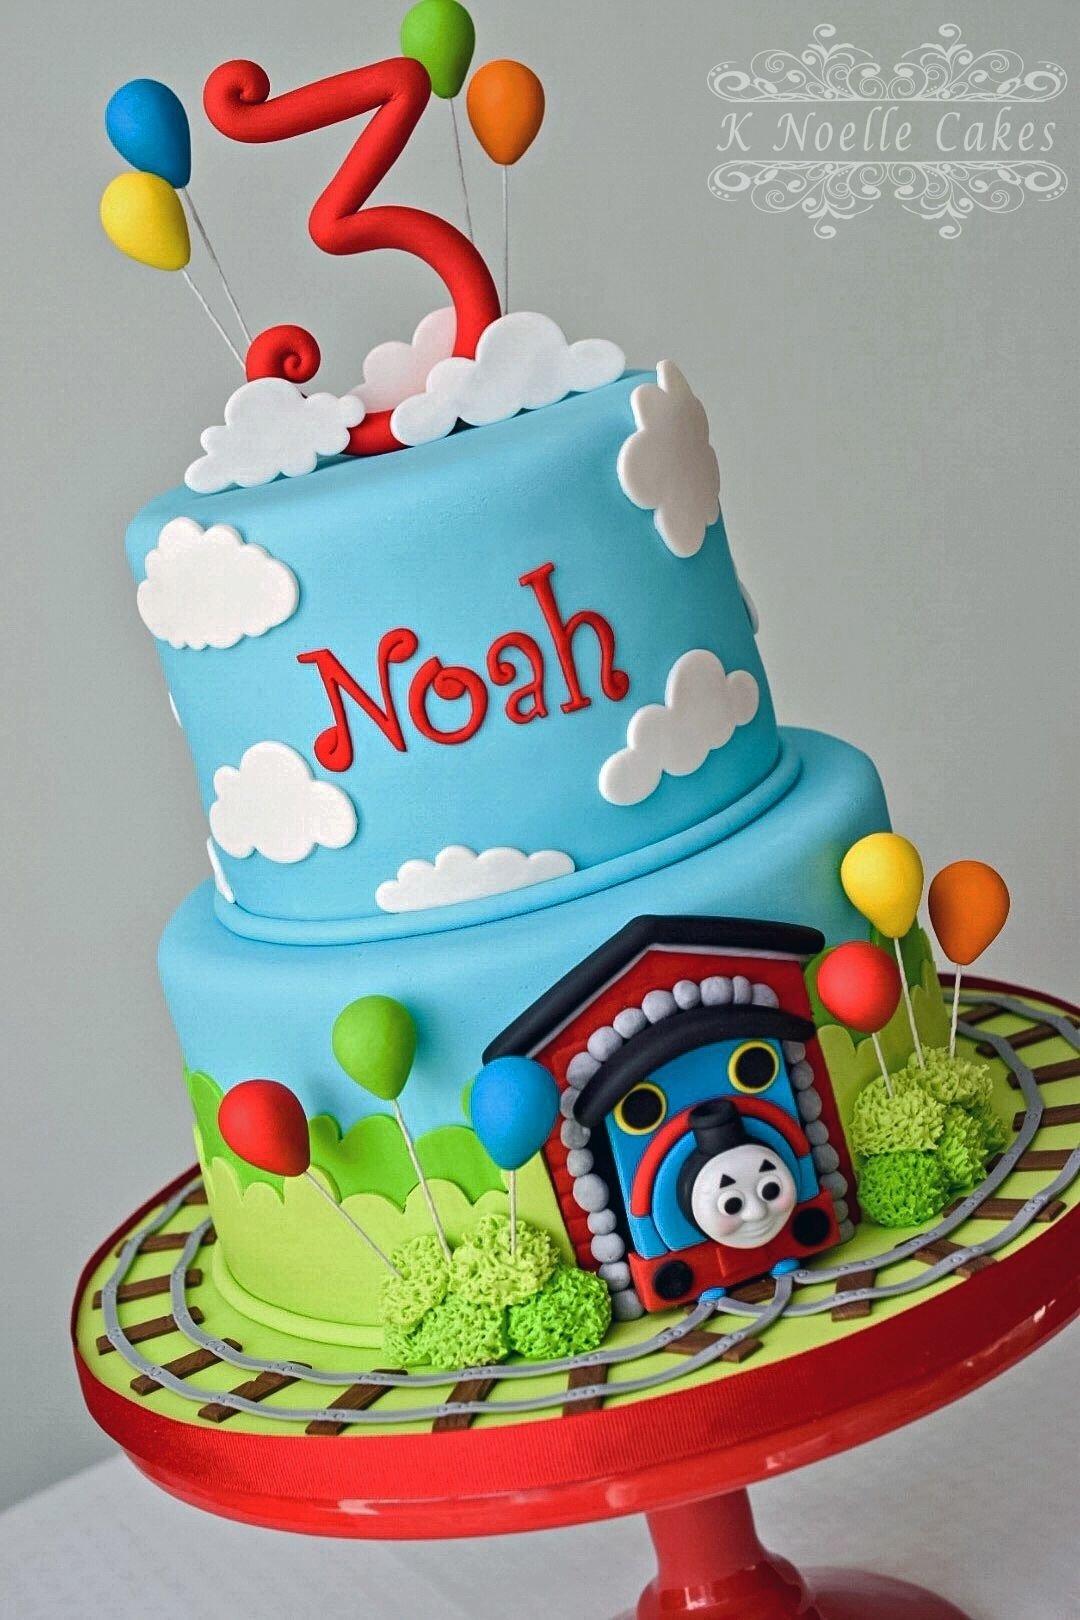 10 Amazing Thomas The Train Cakes Ideas thomas the train cakek noelle cakes cakes by k noelle cakes 2021